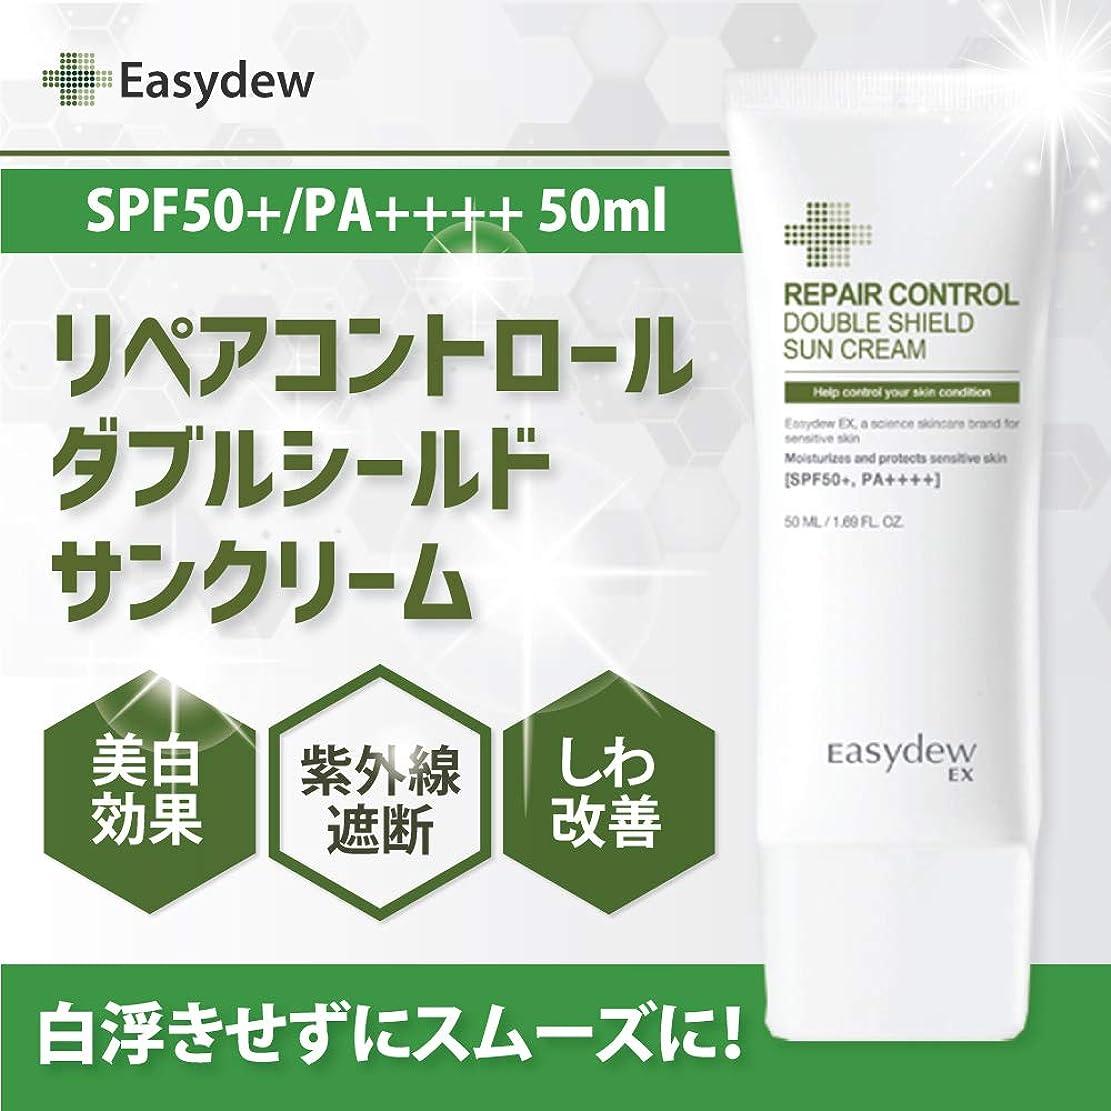 チップ会う乳デウン製薬 リペア コントロール ダブル シールド サン?クリーム SPF50+/PA++++ 50ml. Repair Control Double Shild Sun Cream SPF50+/PA++++ 50ml.